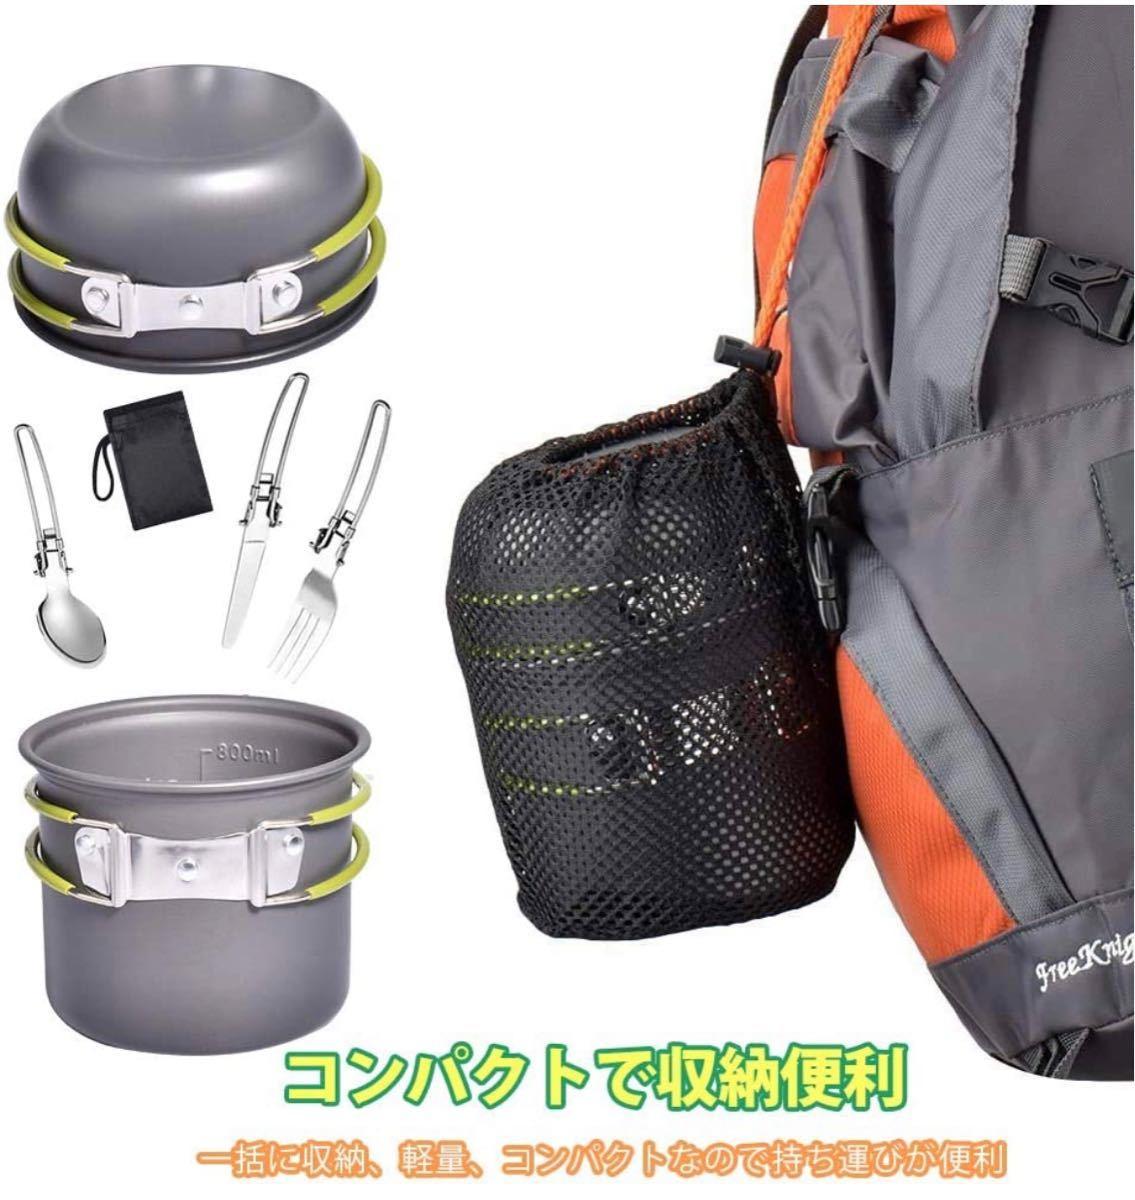 アルミクッカー クッカーセット キャンプクッカー セット キャンプ用品 アウトドア調理器具